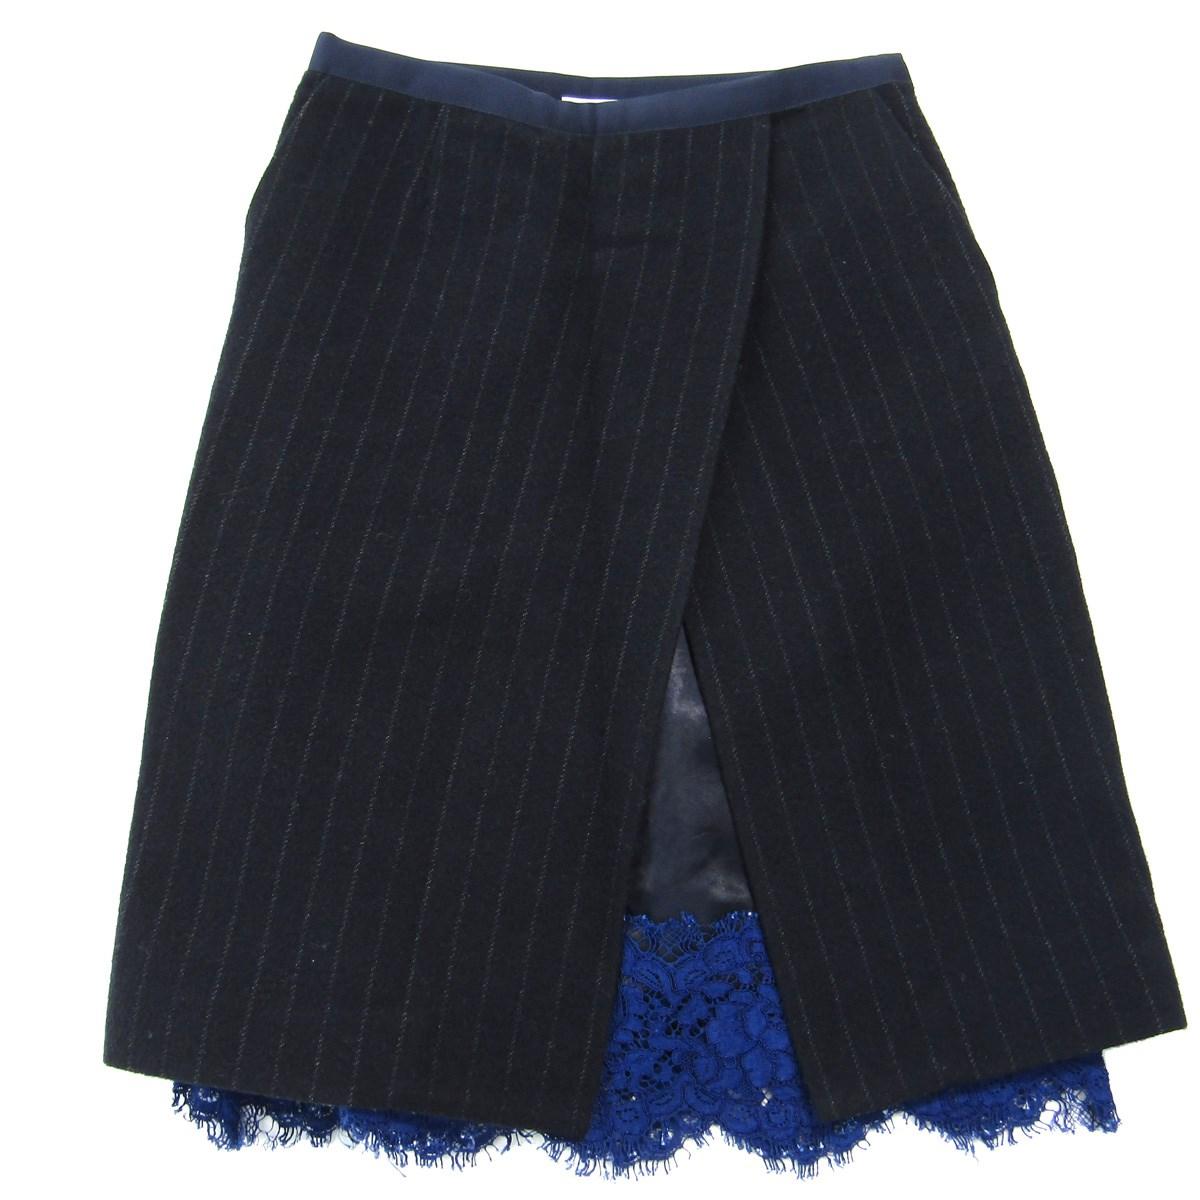 【中古】sacai luck 2014A/W ストライプ柄 レースデザインスカート ネイビー サイズ:1 【221019】(サカイ ラック)